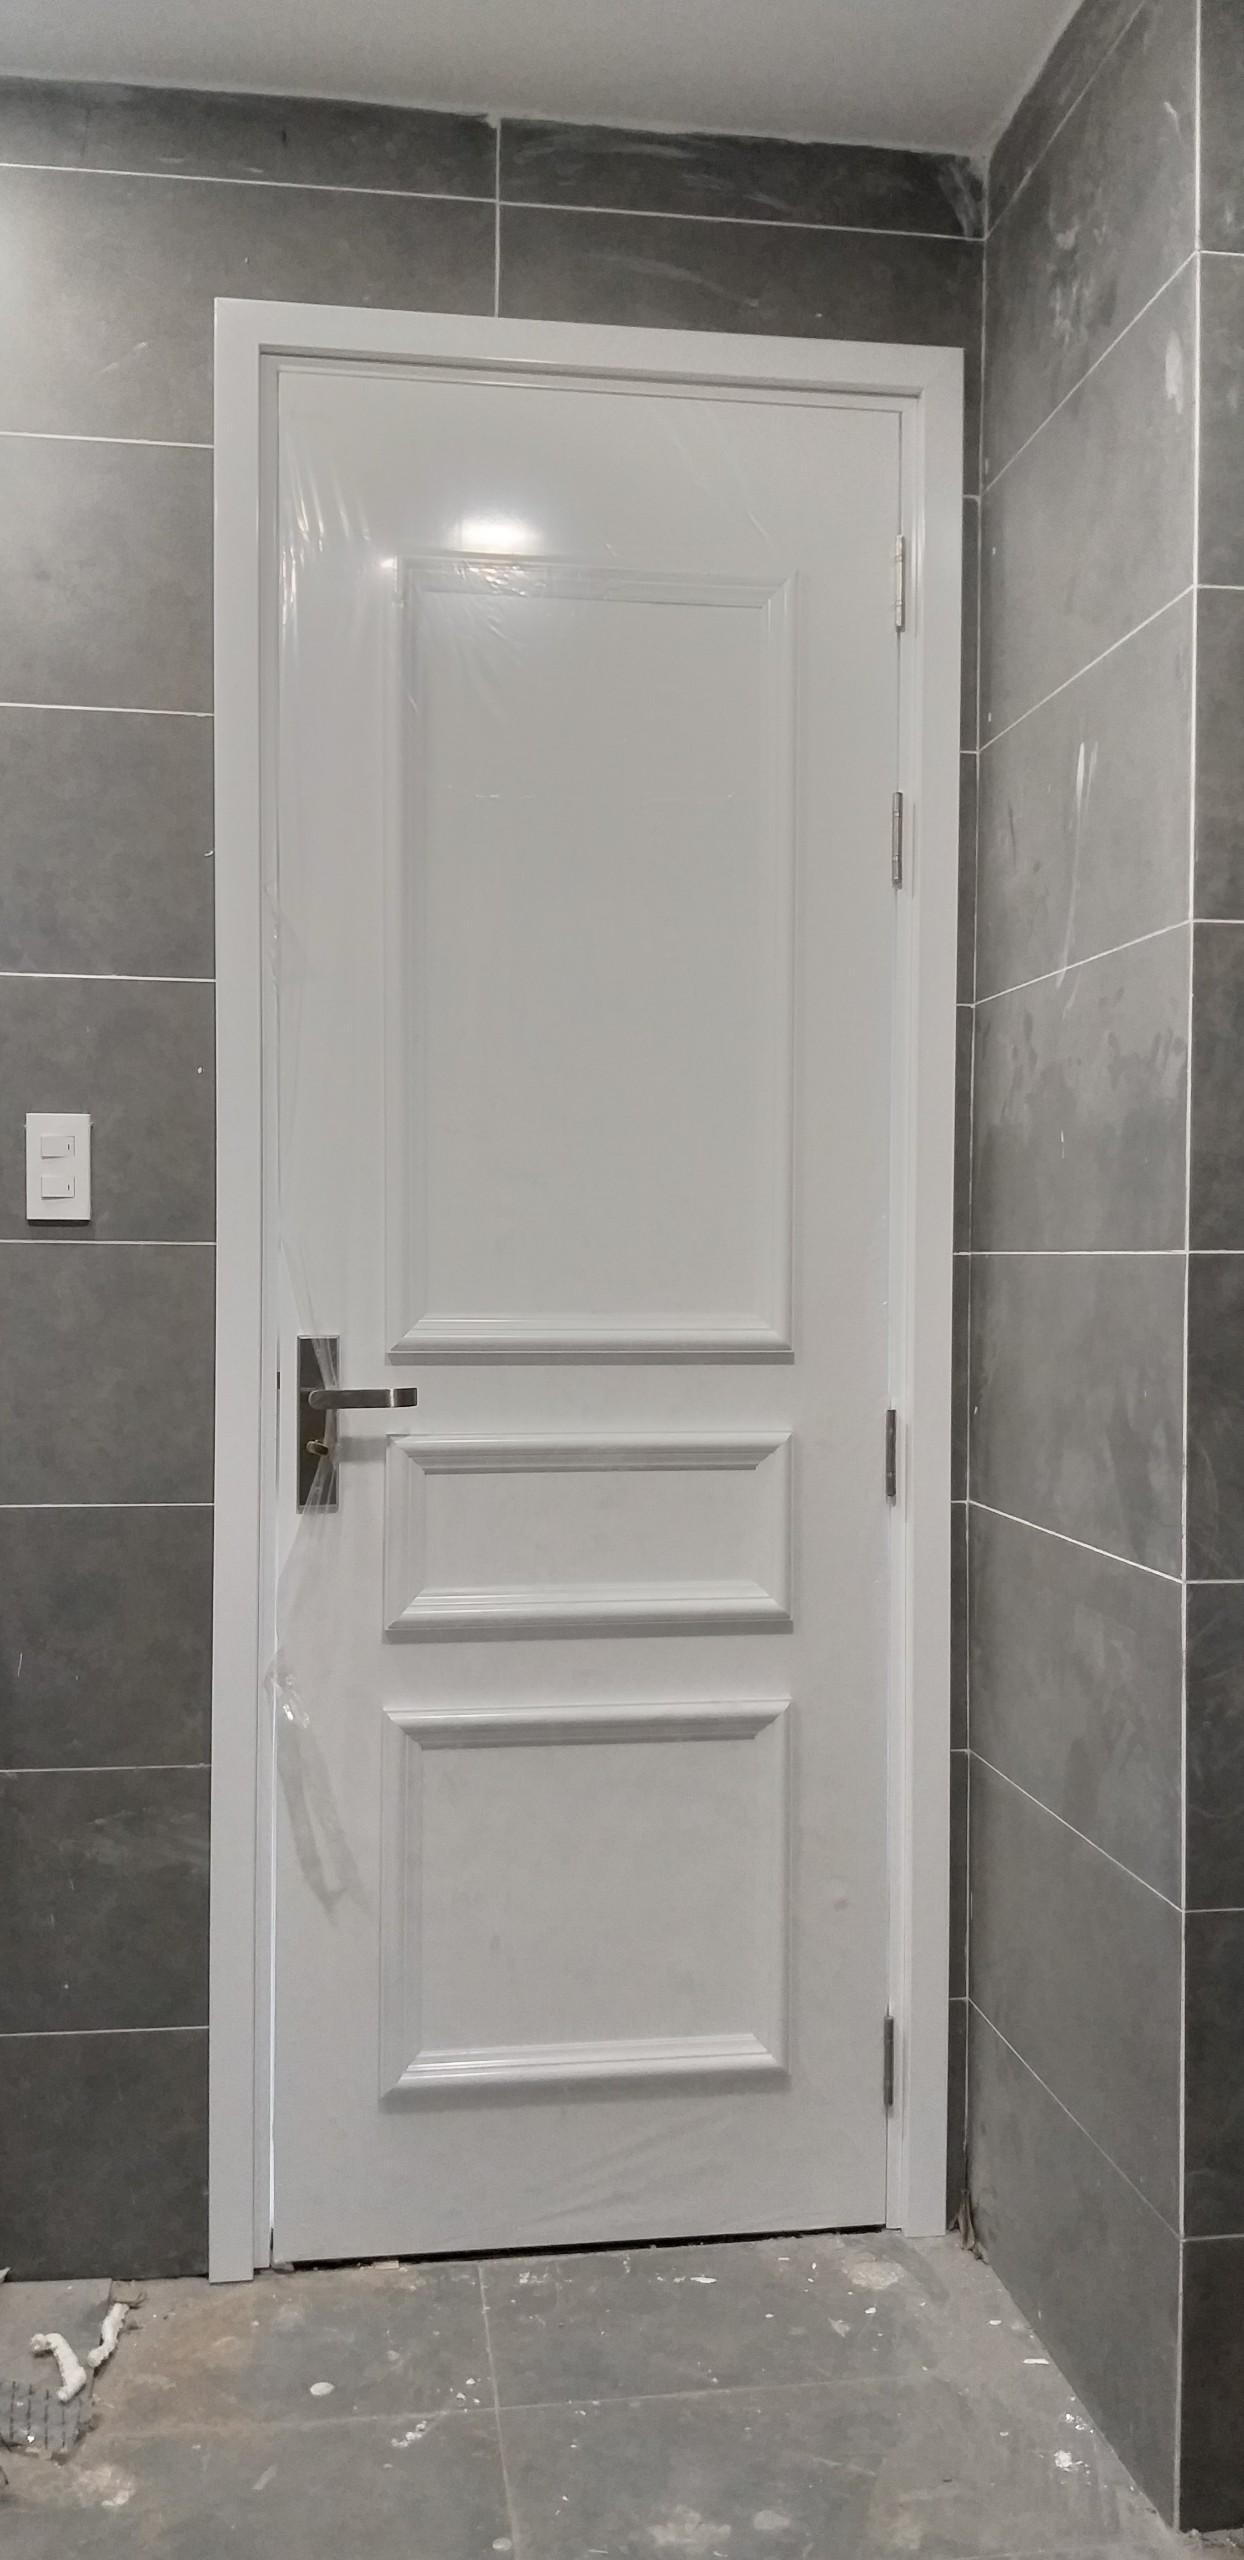 Mẫu cửa nhựa gỗ Composite sơn PU chạy phào nổi tân cổ điển.